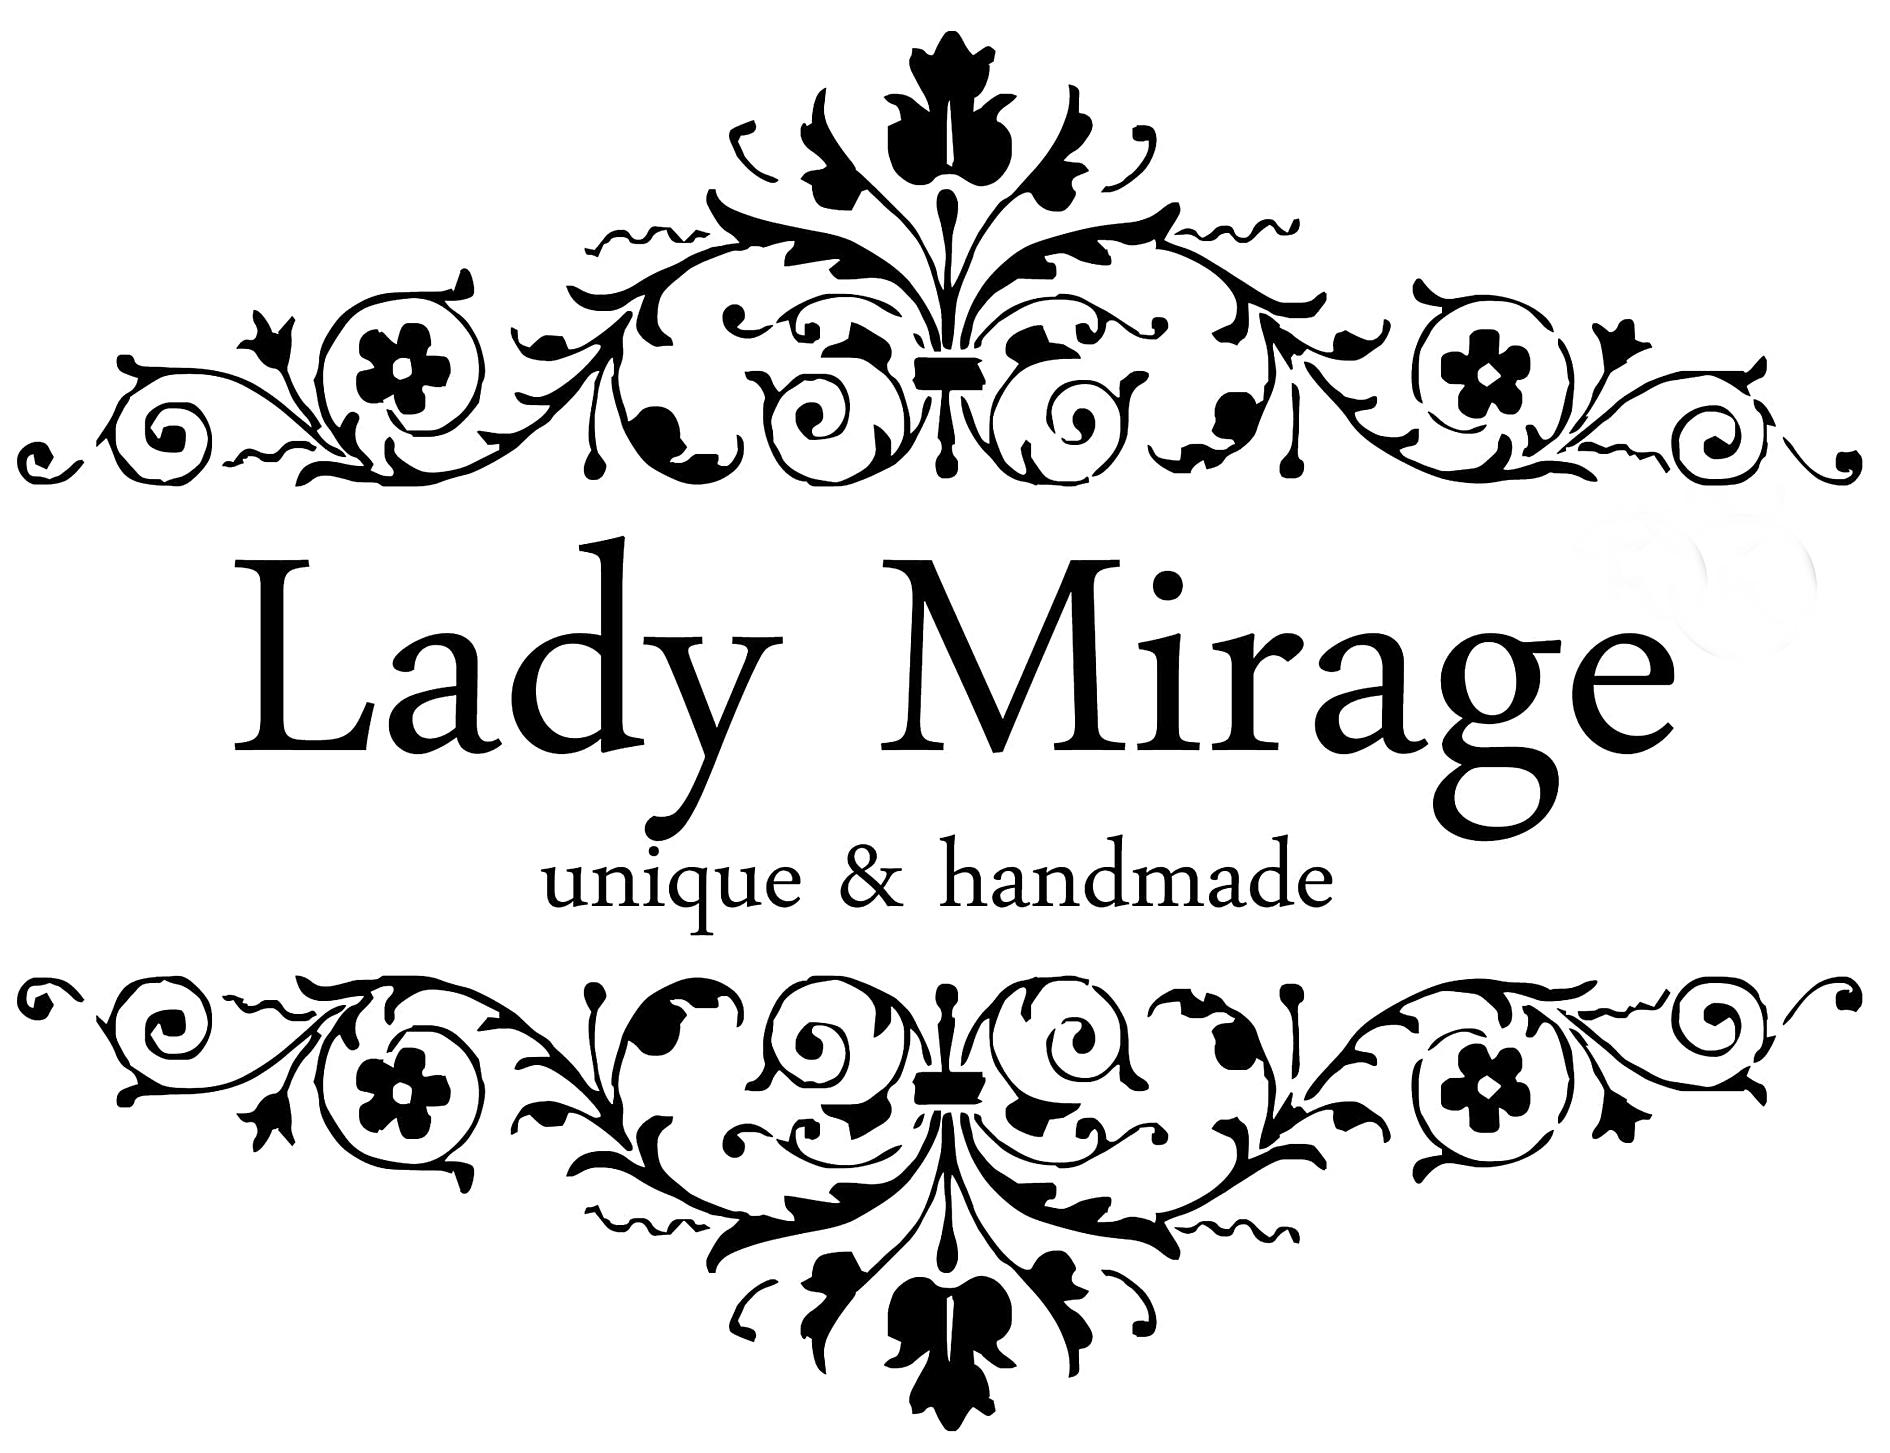 LadyMirage -  Schmuckmanufaktur in Berlin - Handgefertigt und Personalisierbar-Logo